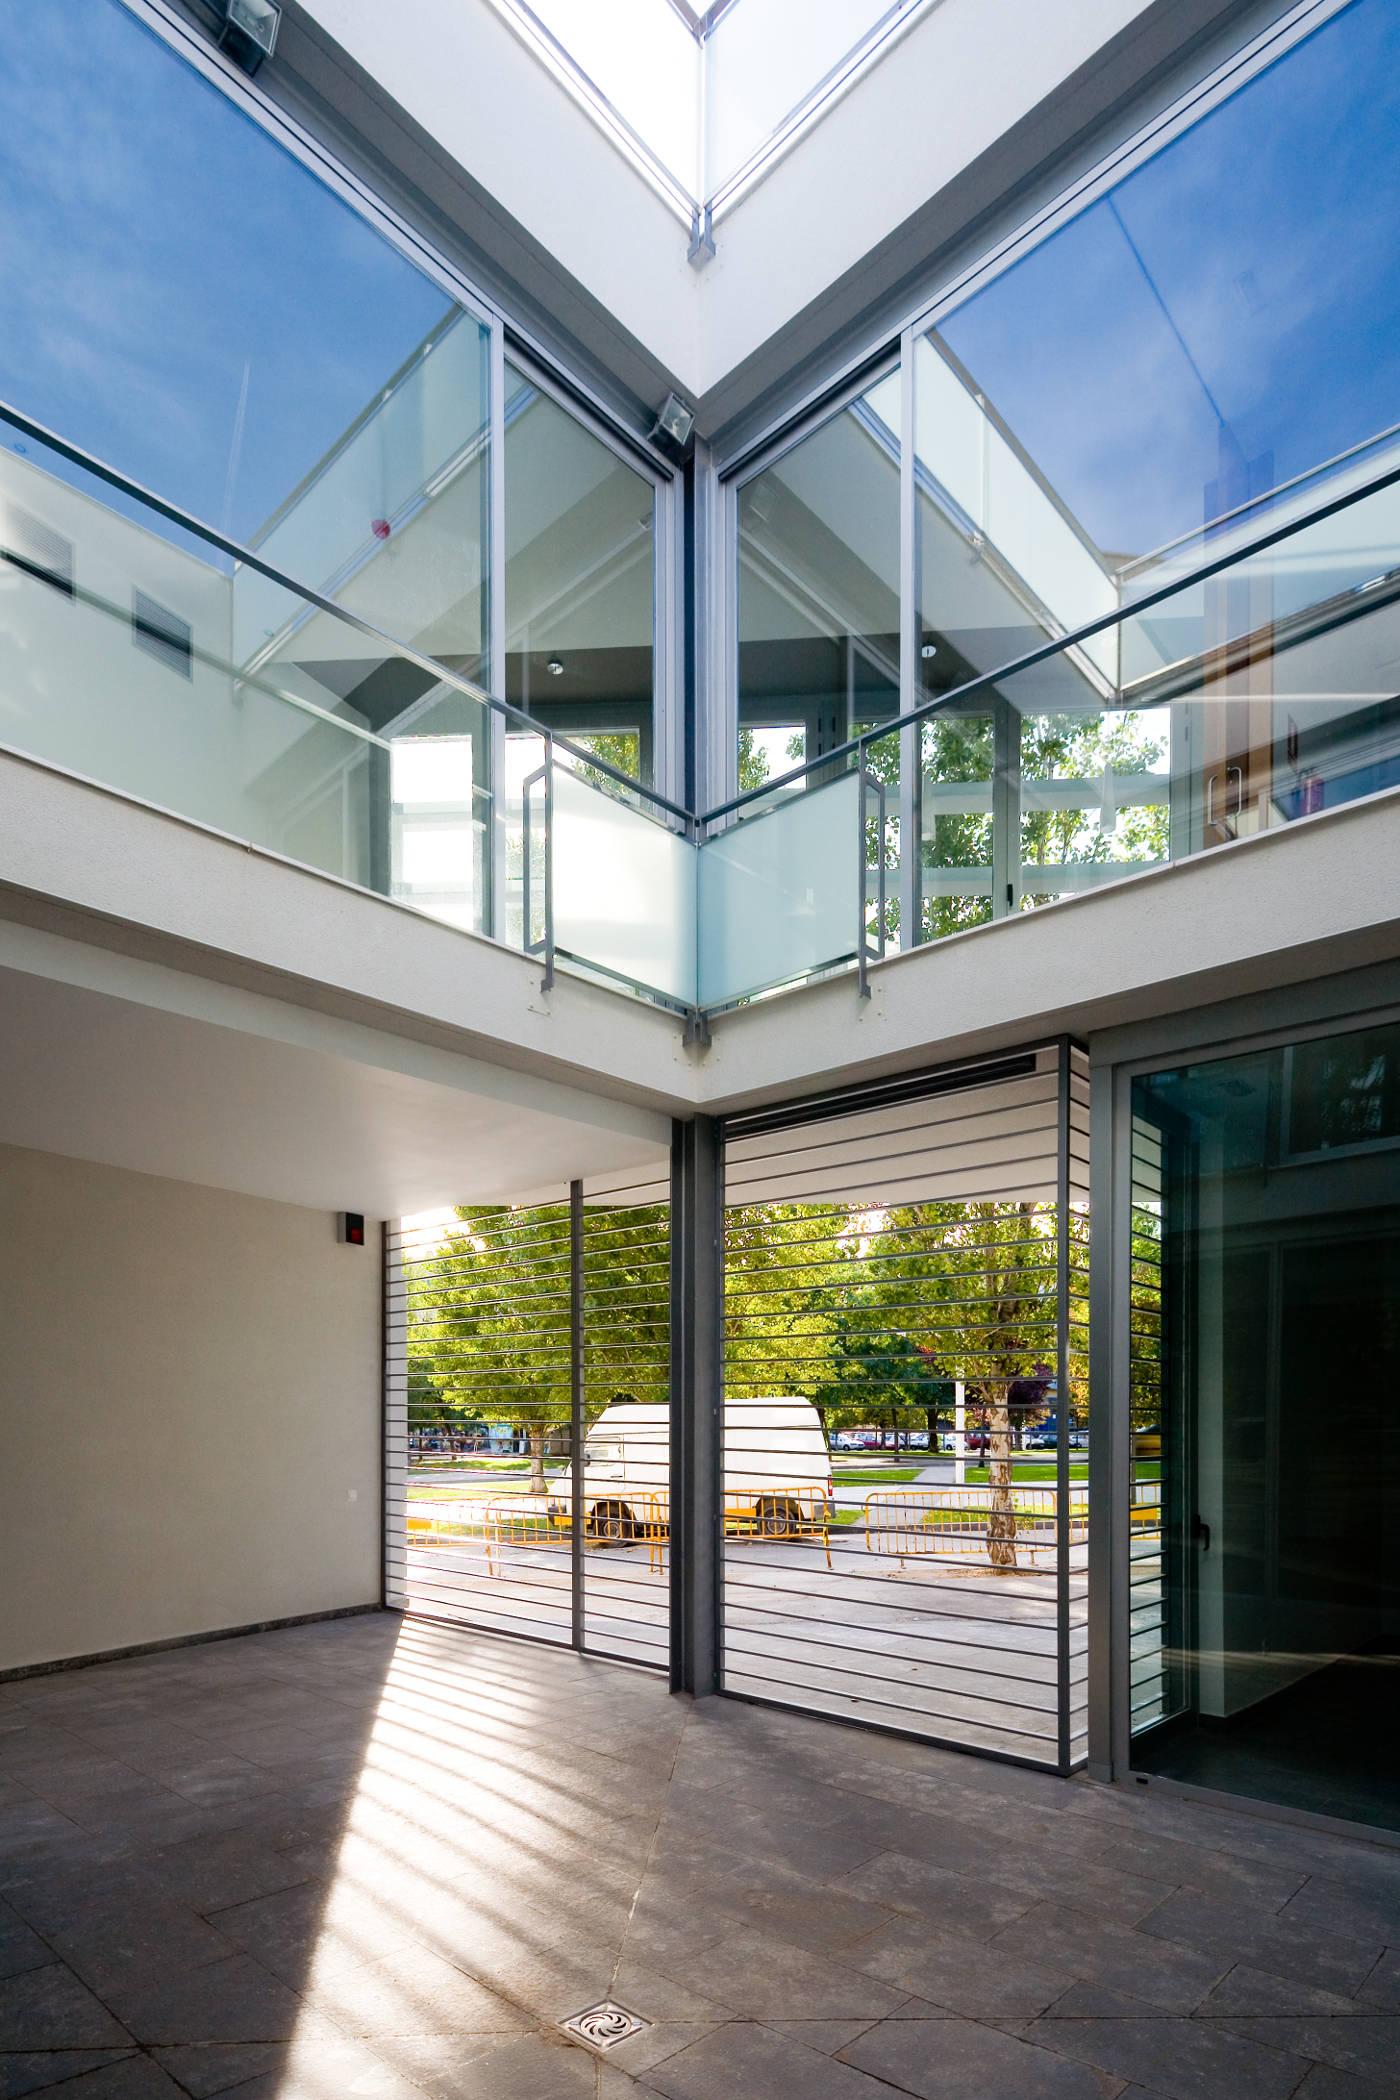 Dise o de edificios modernos gloria duran estudio de - Mas duran sant quirze del valles ...